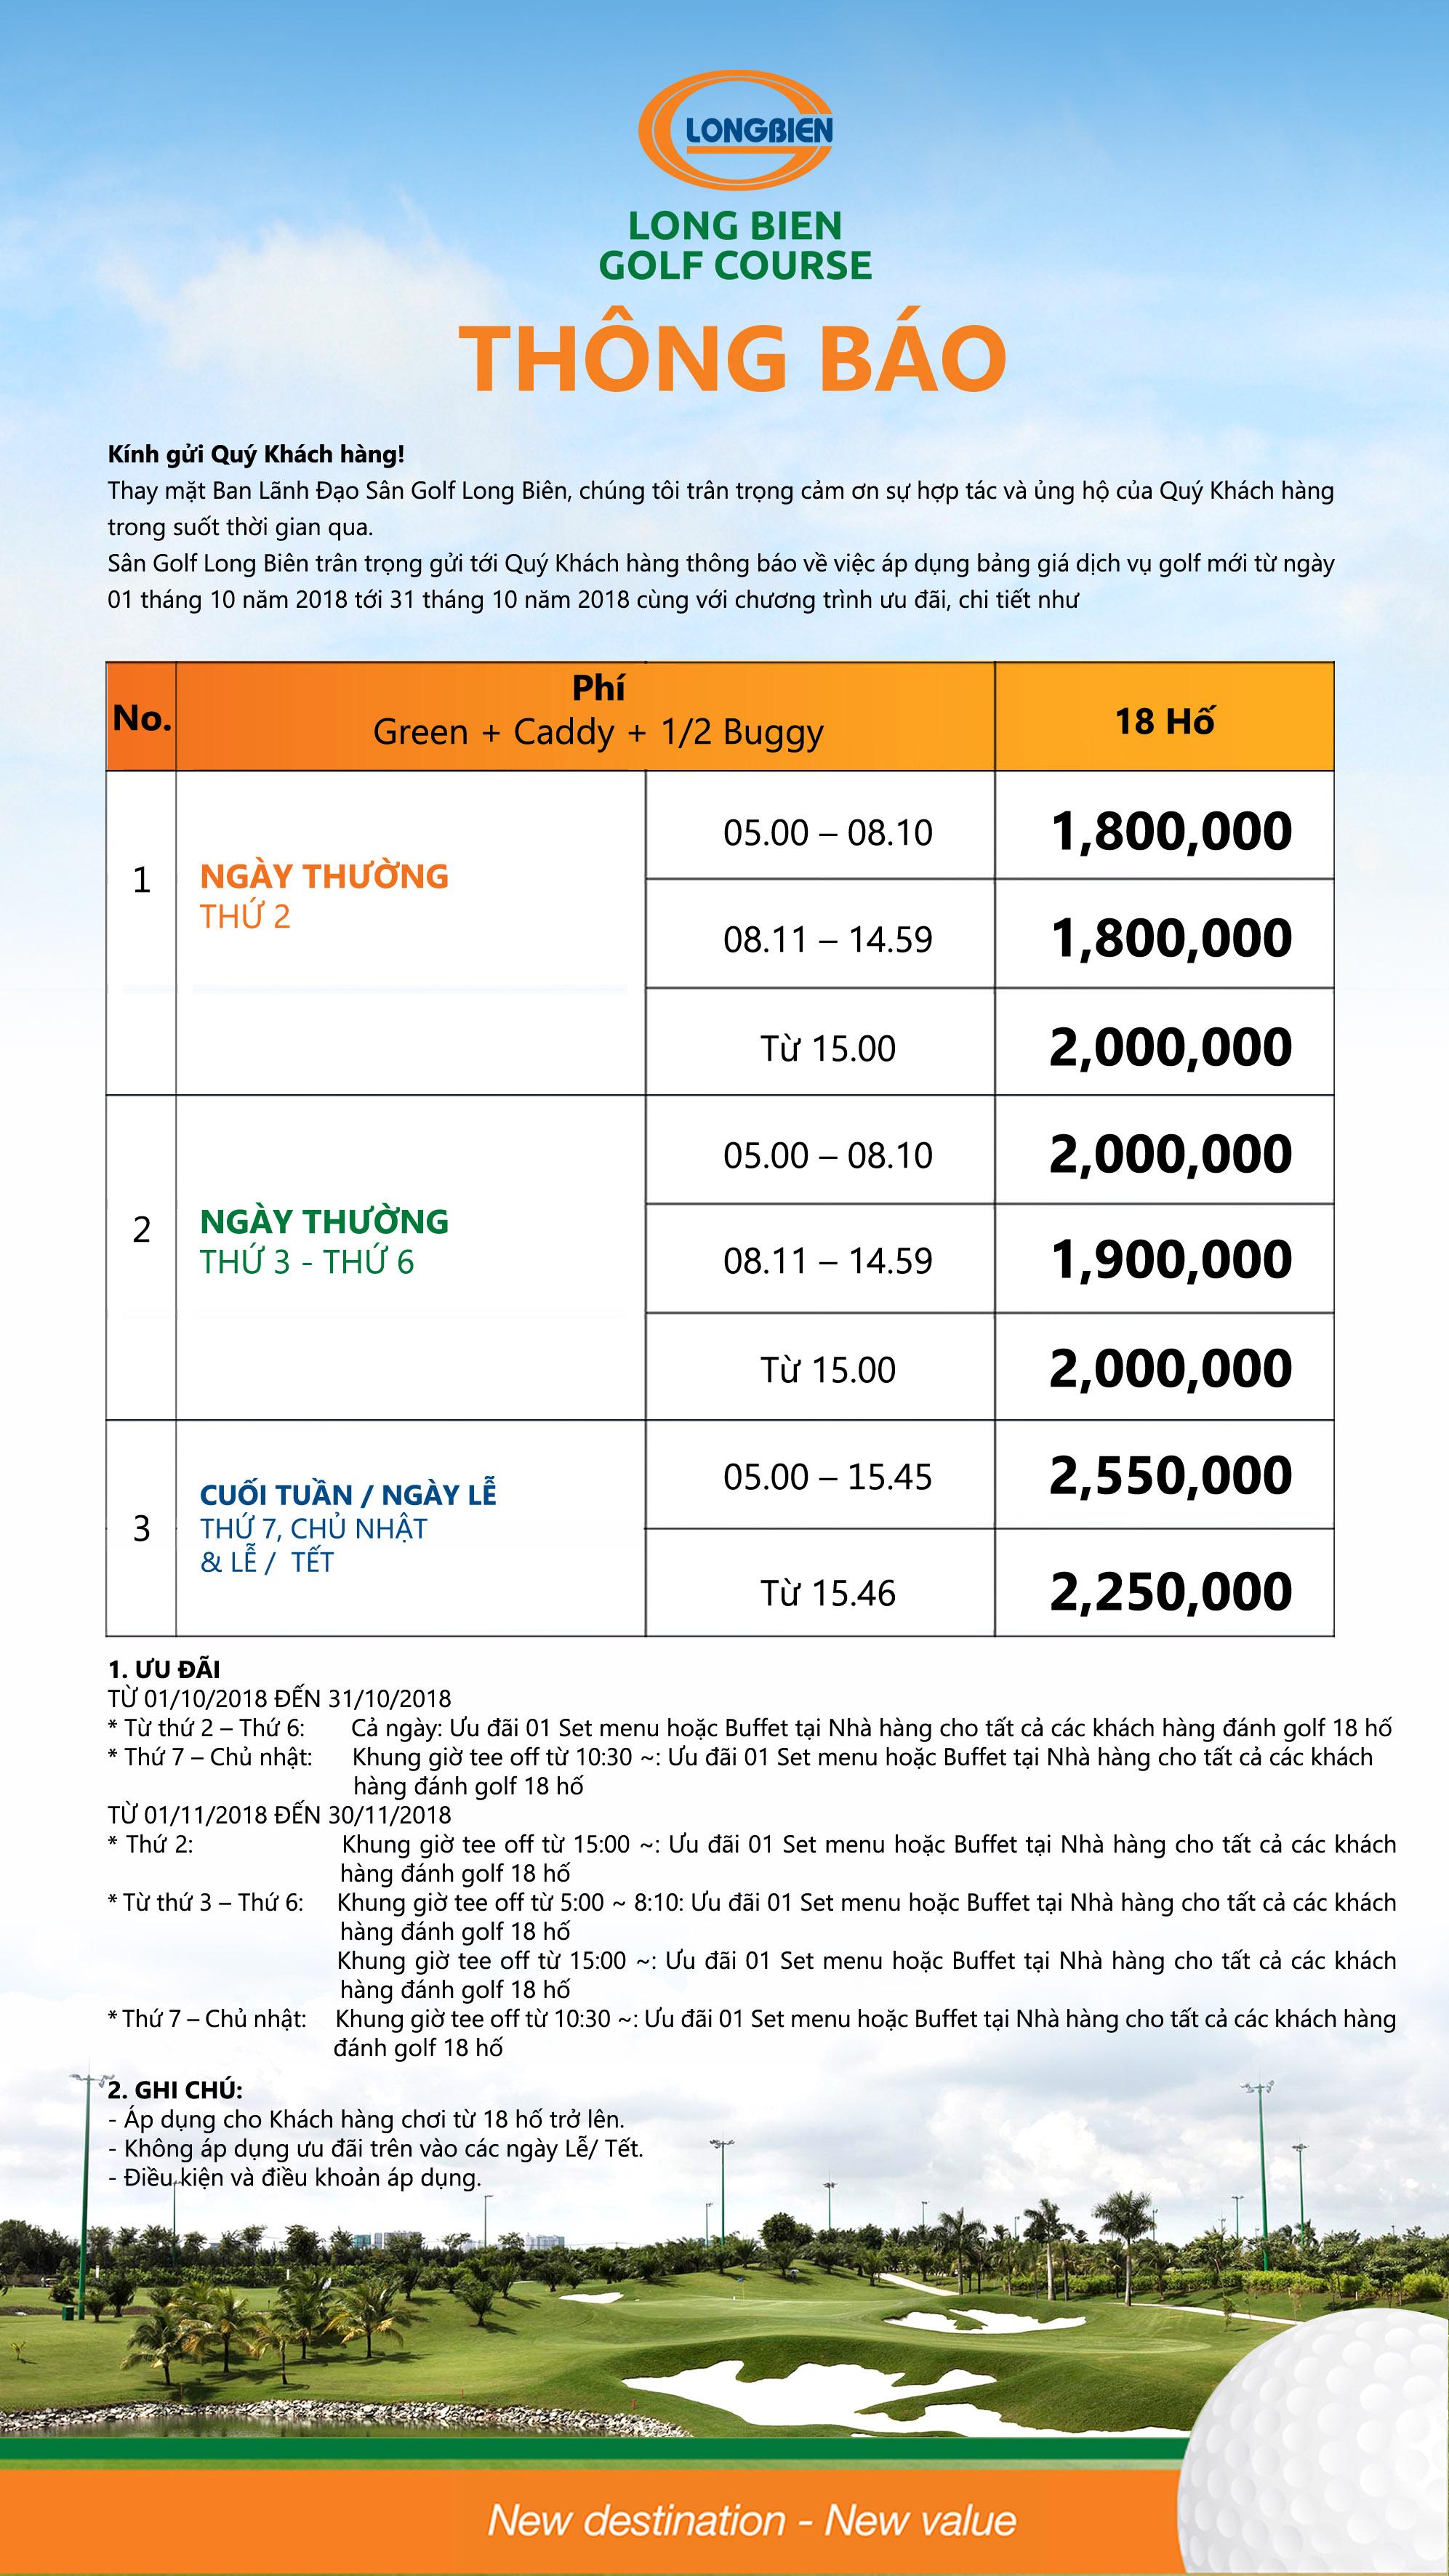 SÂN GOLF LONG BIÊN THÔNG BÁO BẢNG GIÁ GOLF ÁP DỤNG TỪ 01/10/2018 - 31/10/2018